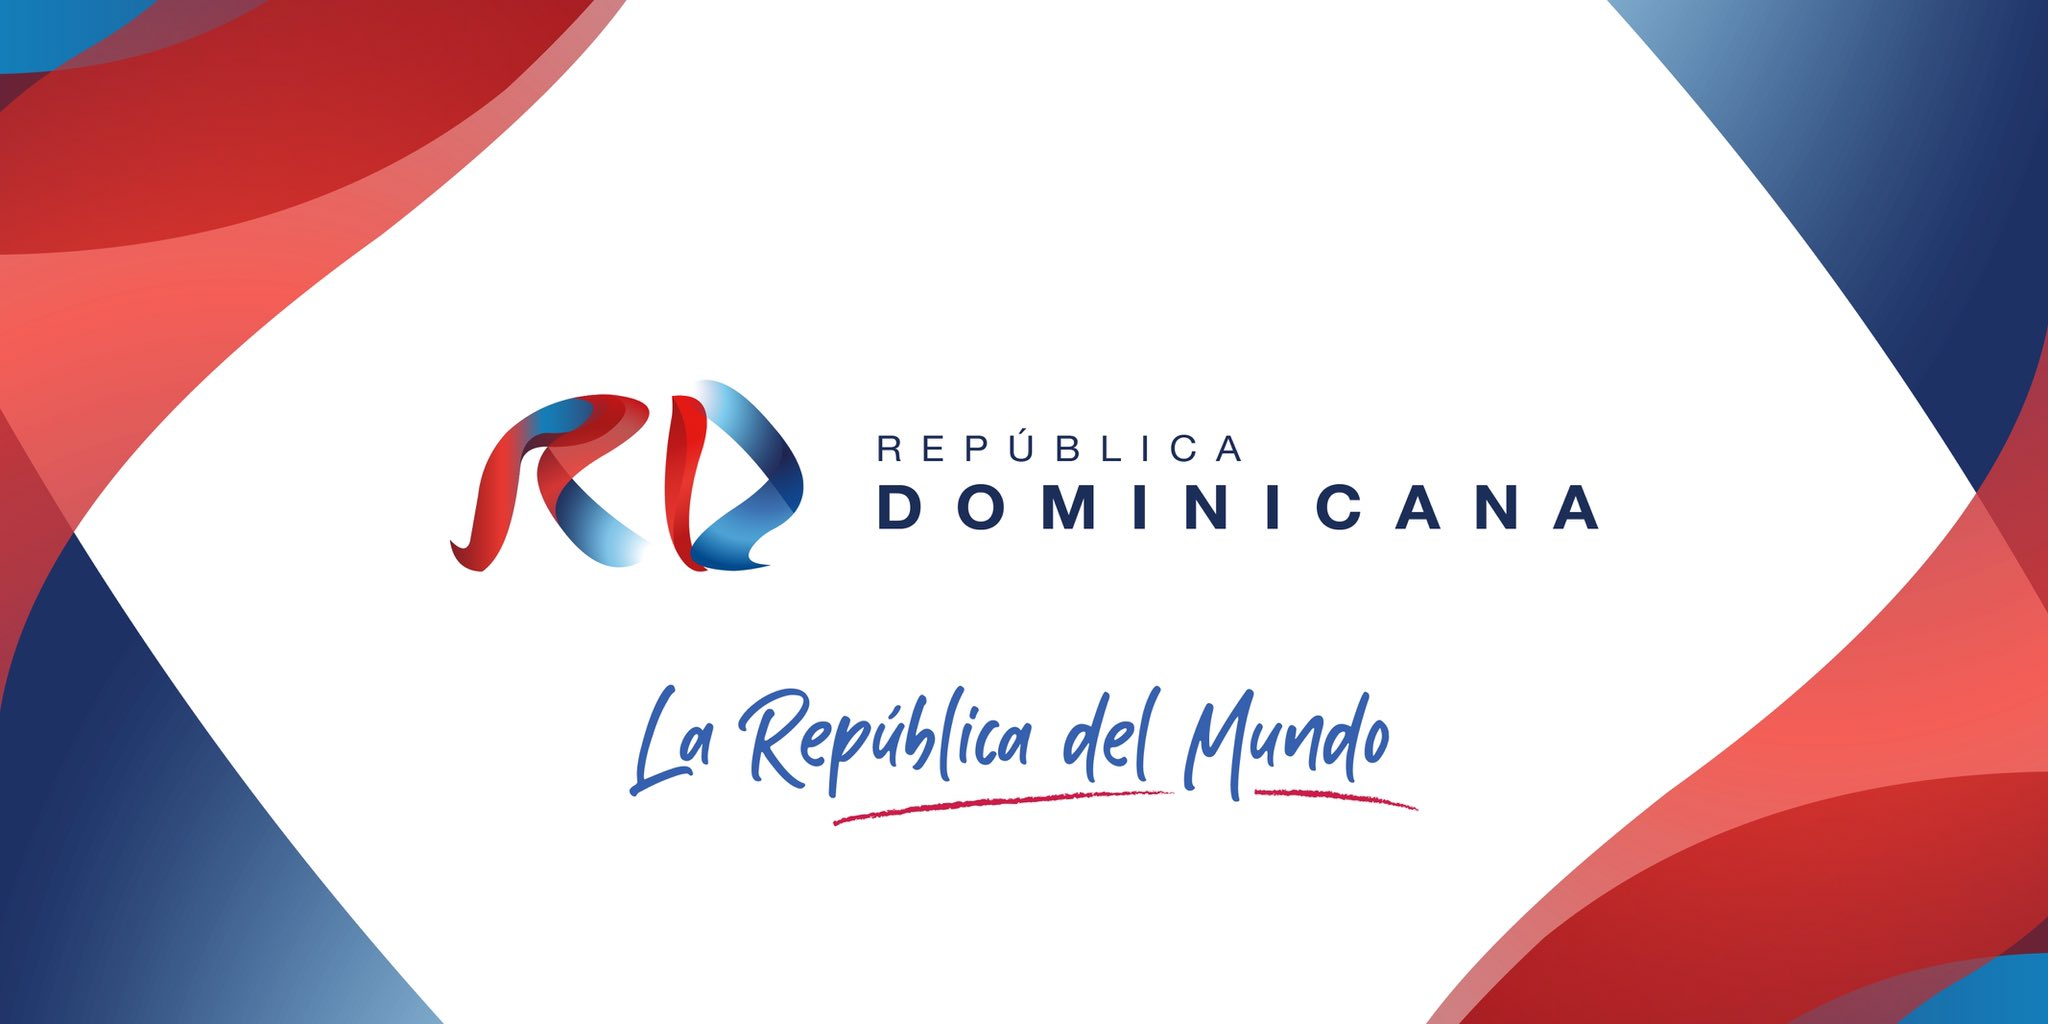 Marca País República Dominicana